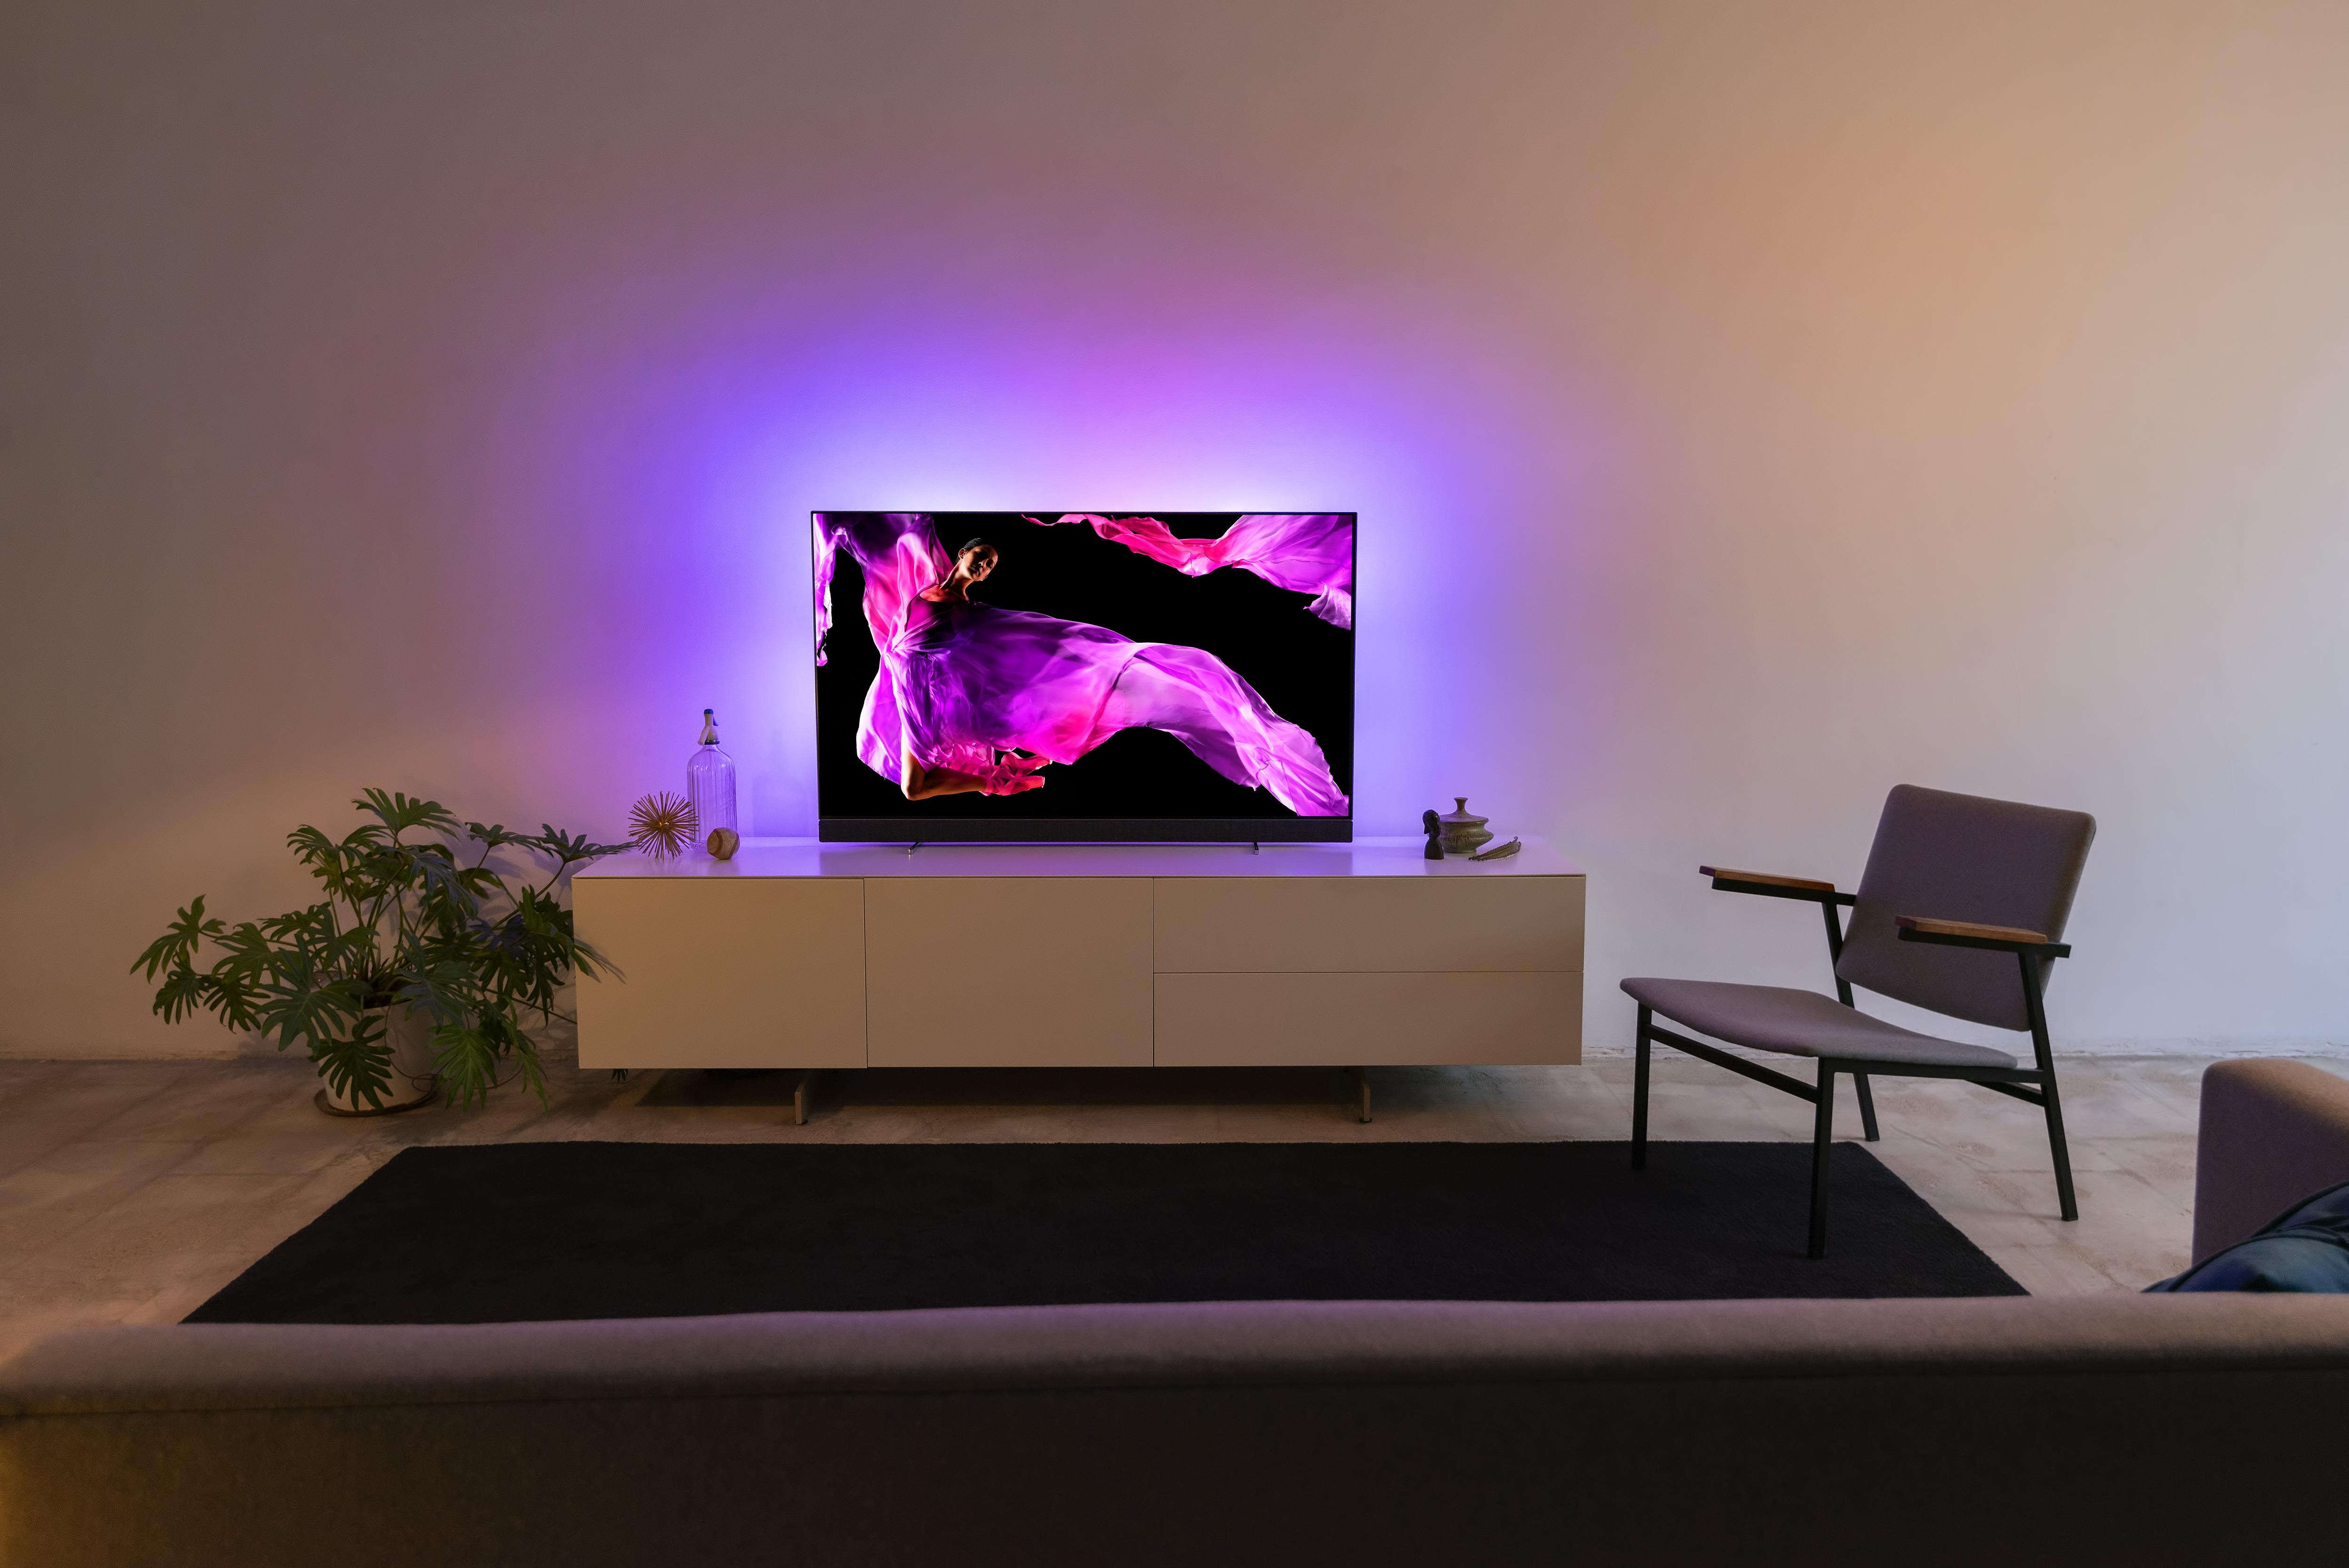 televisie speakers platenspeler gadgets MAN MAN